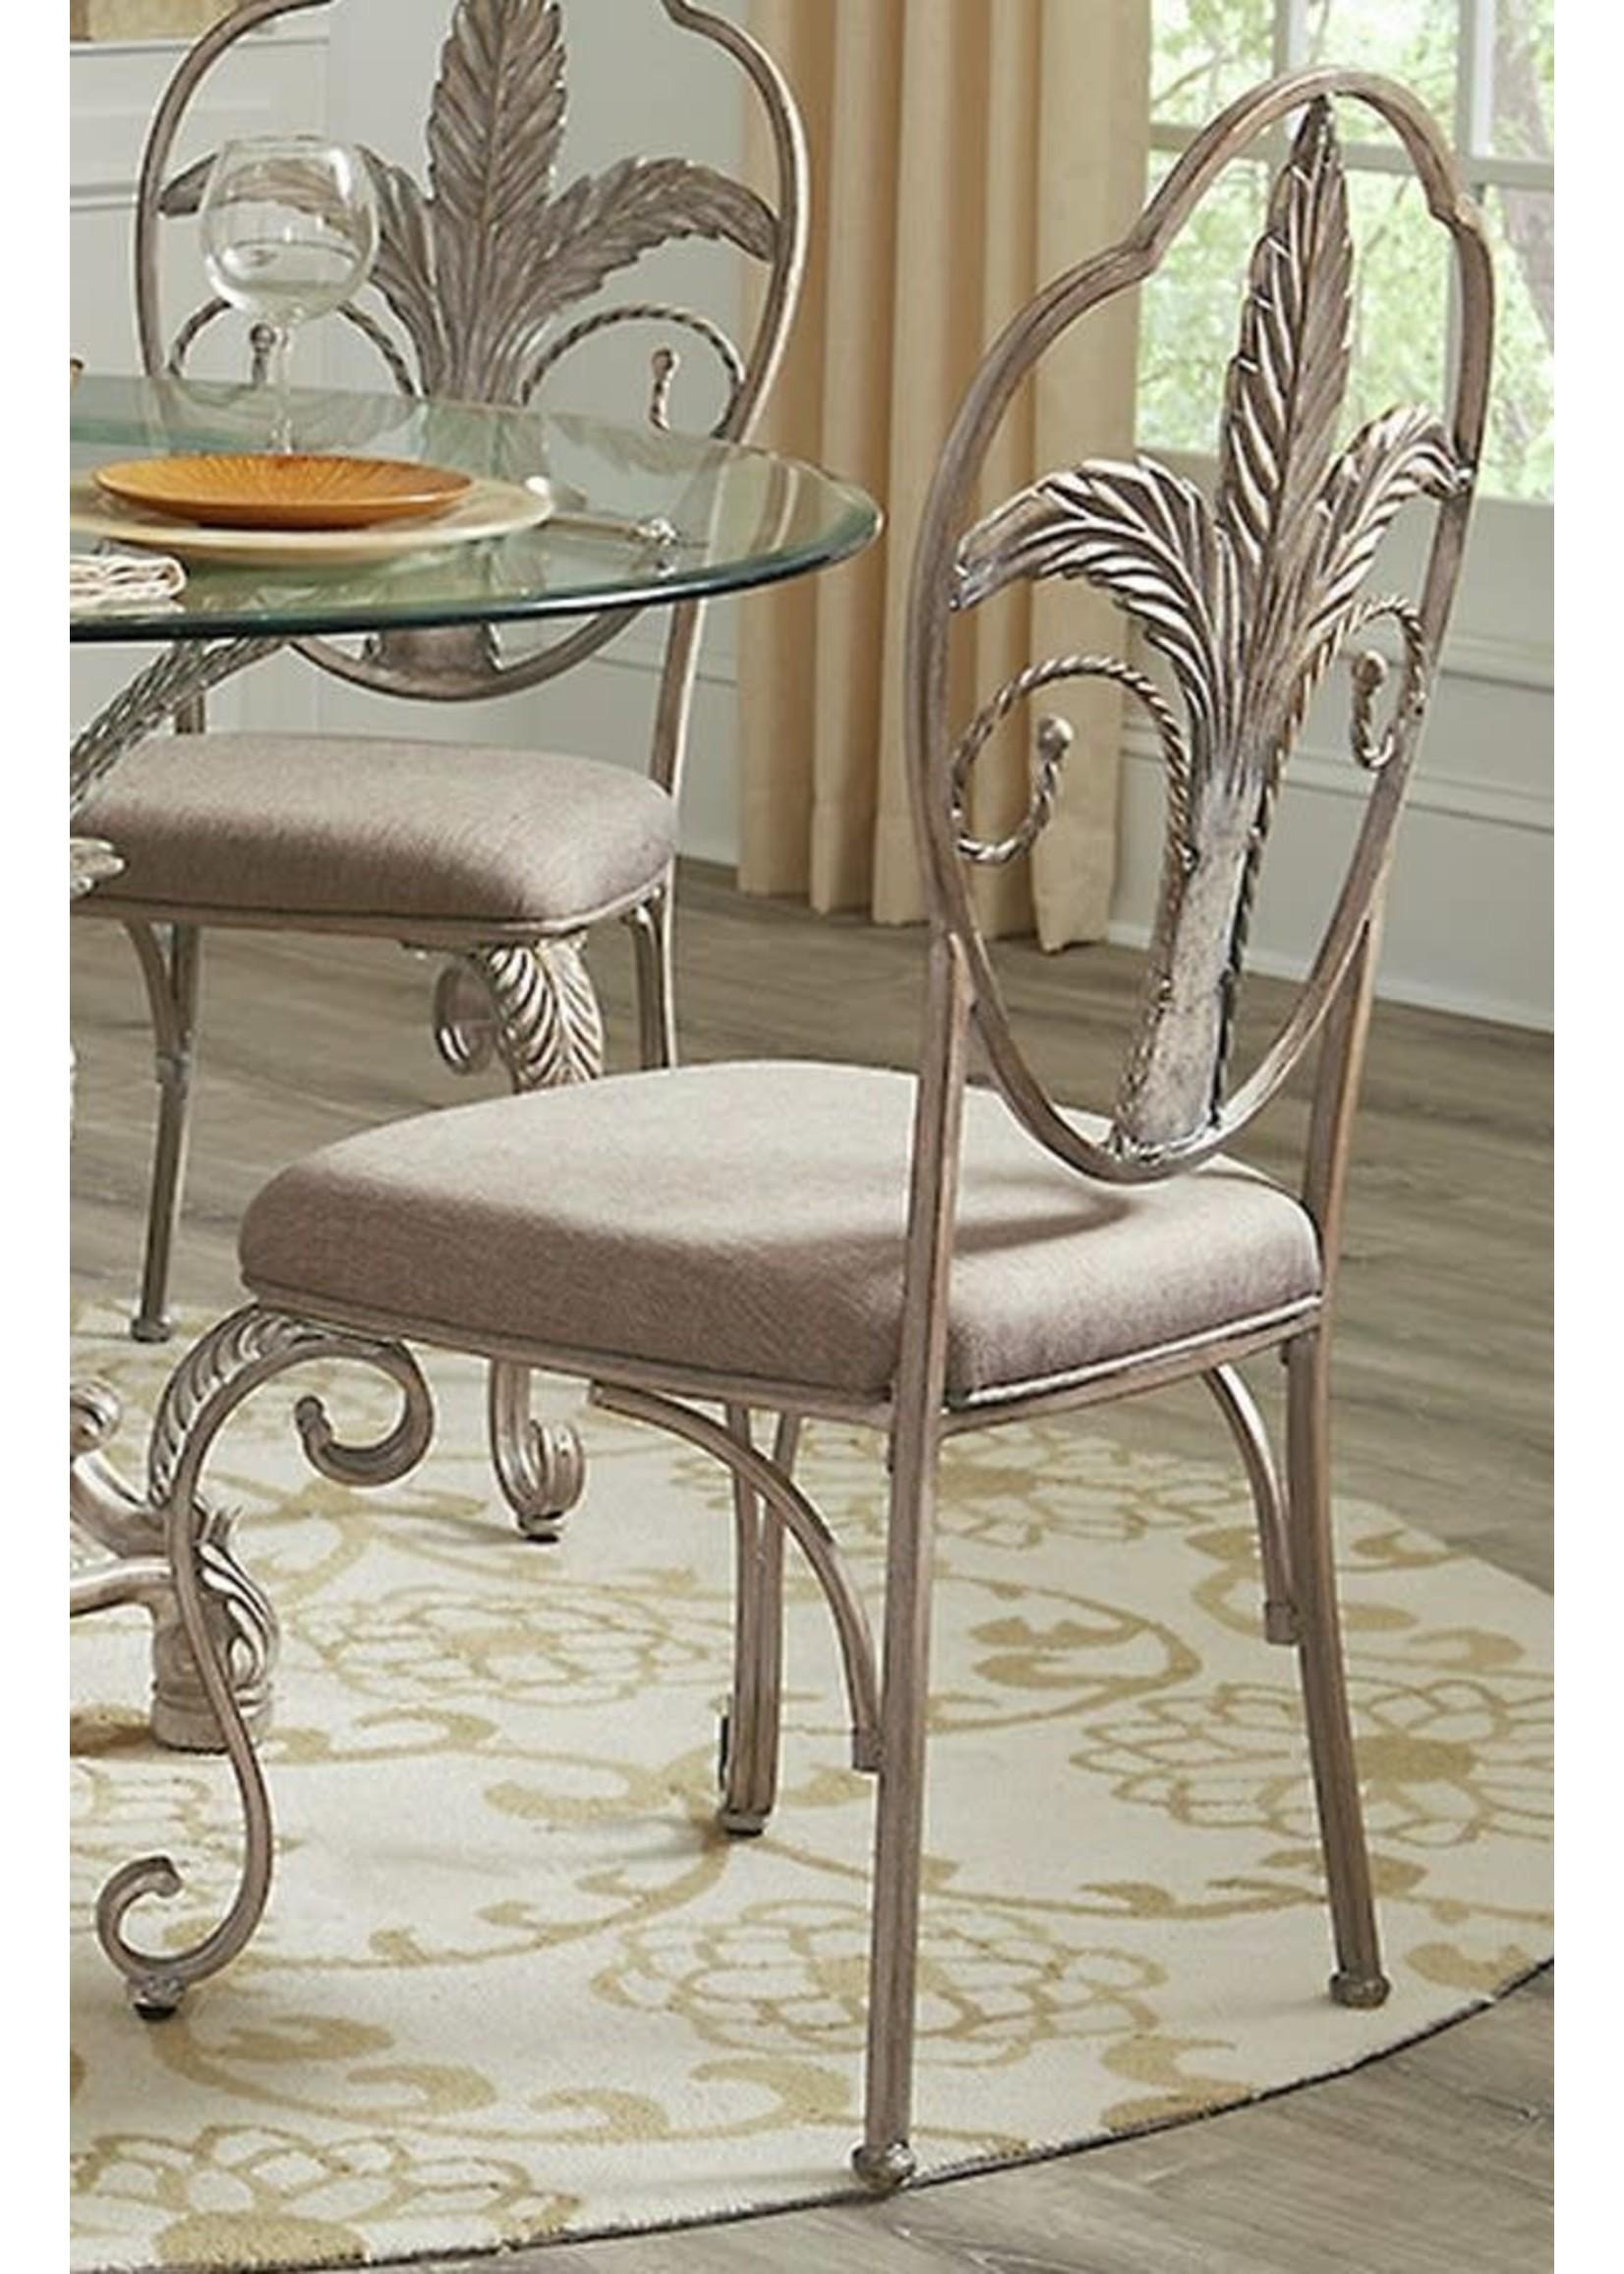 New Princeton Place Chair EL LPC100